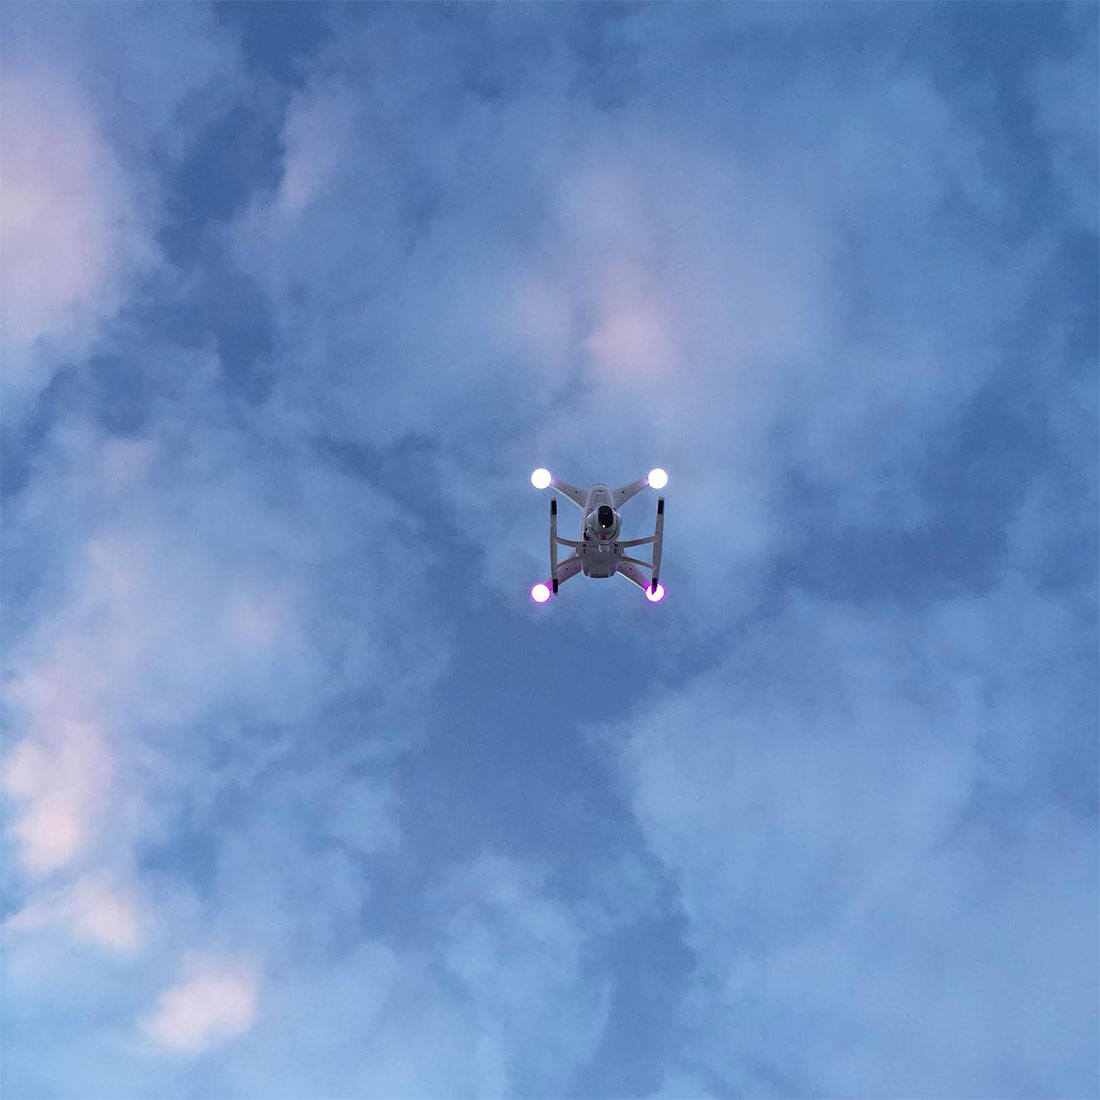 drone-in-flight